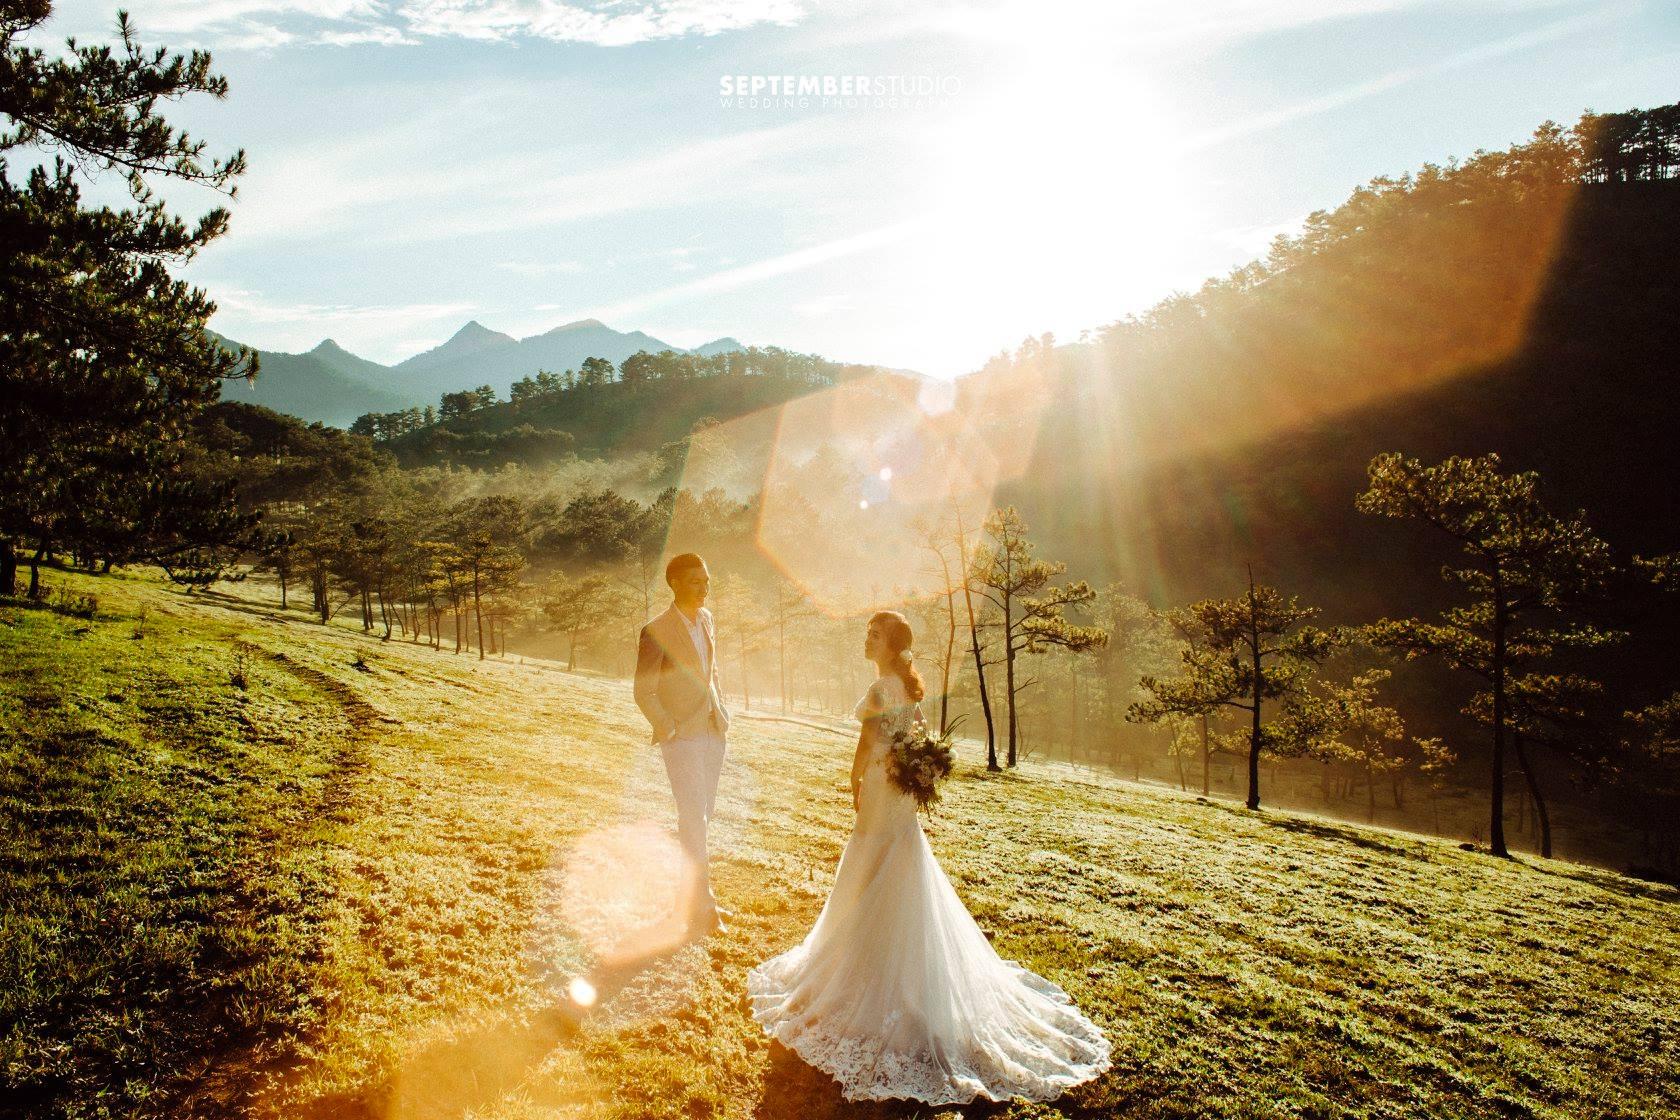 Pre wedding Đà Lạt - Septrmber